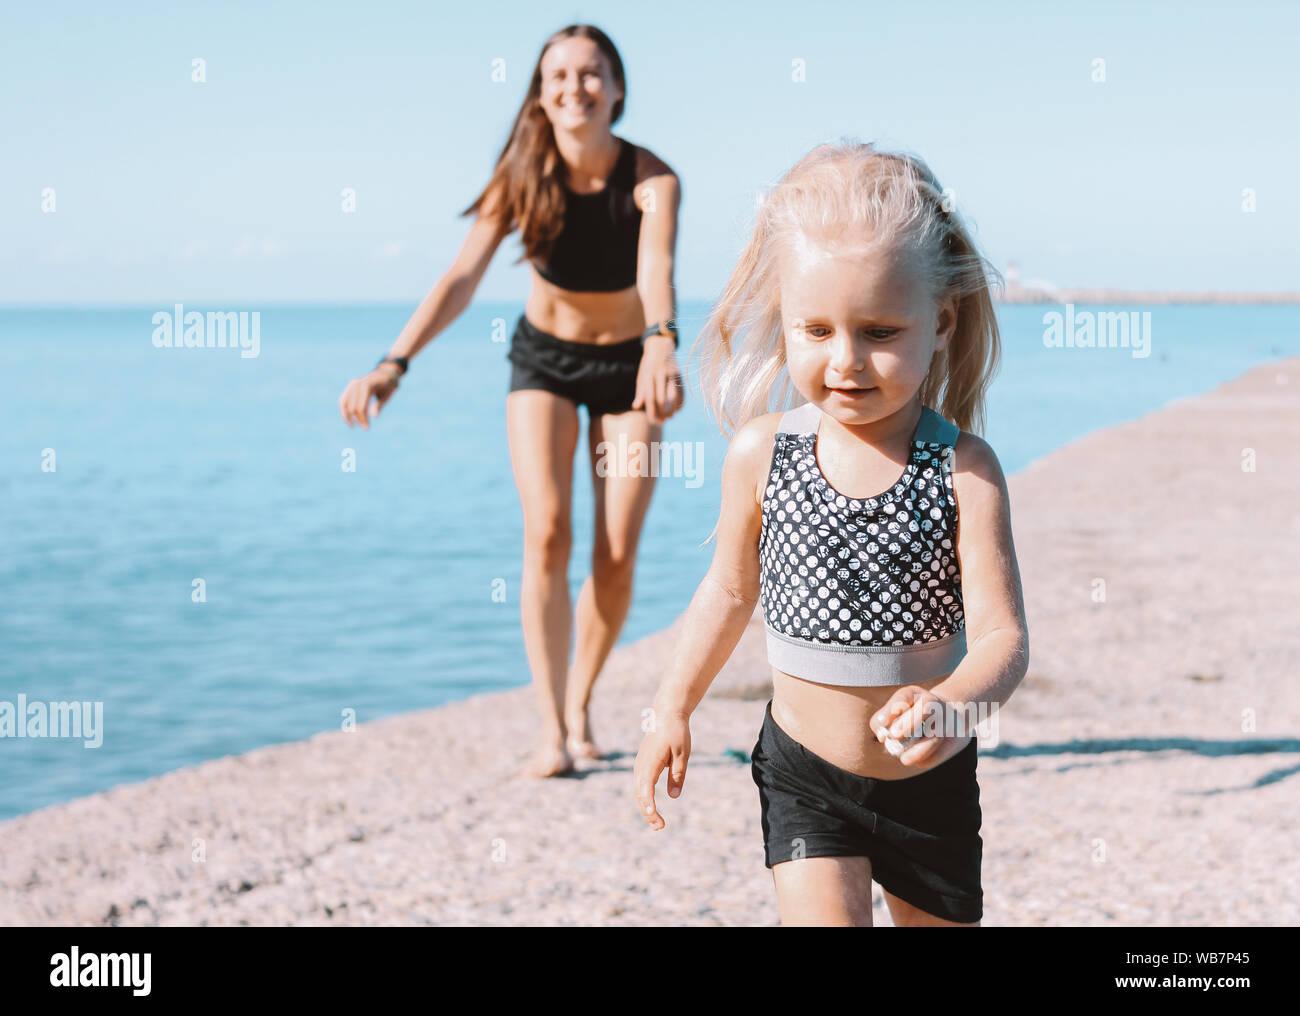 Petite fille mignonne à monter à la maman sur plage, bonne hygiène de vie, sport famille Banque D'Images